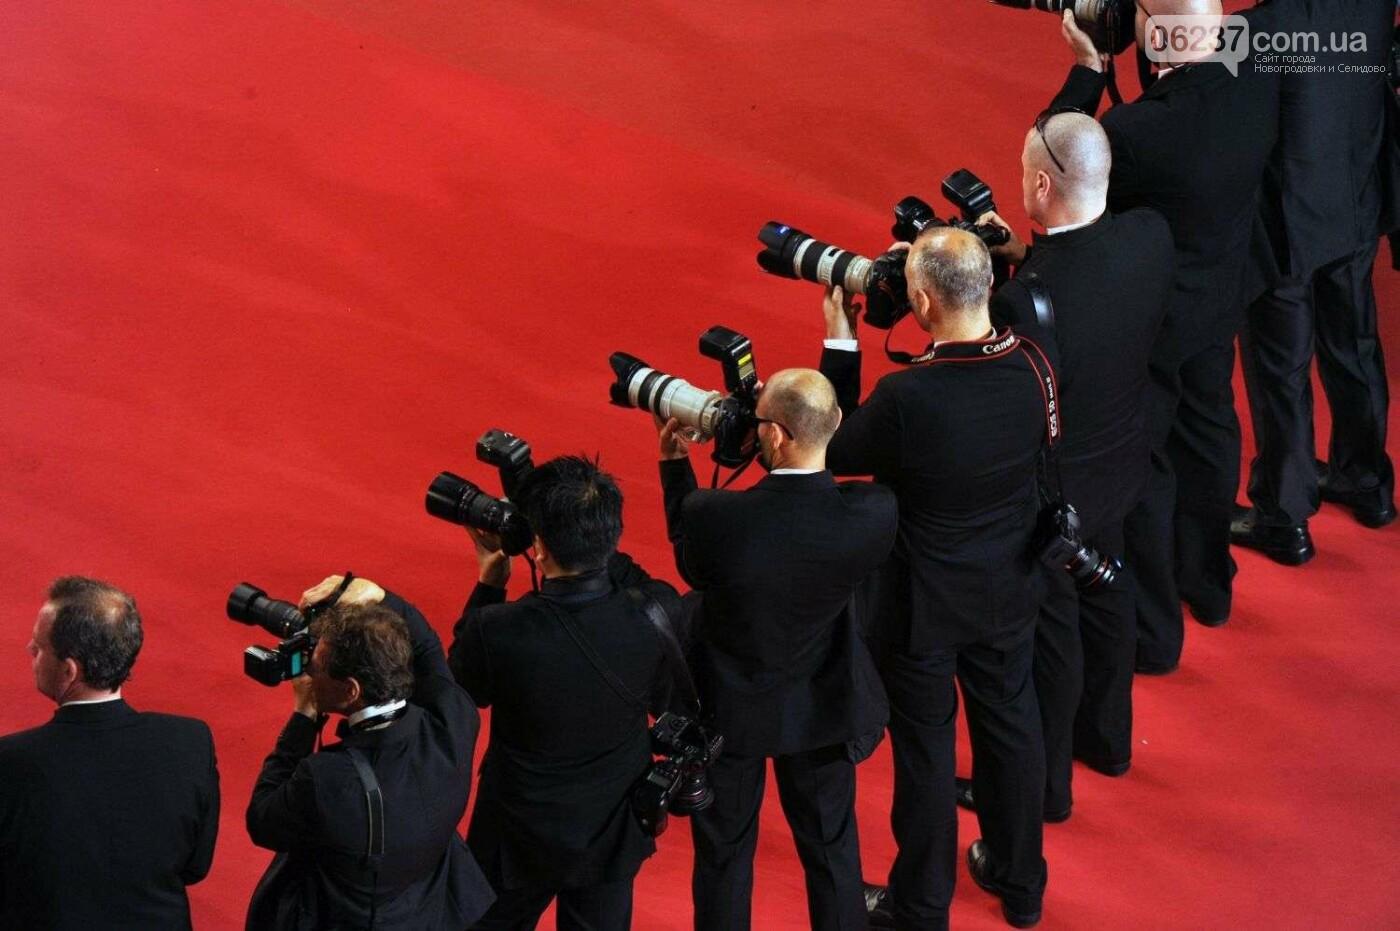 Канны и политика: главные политические скандалы кинофестиваля, фото-1